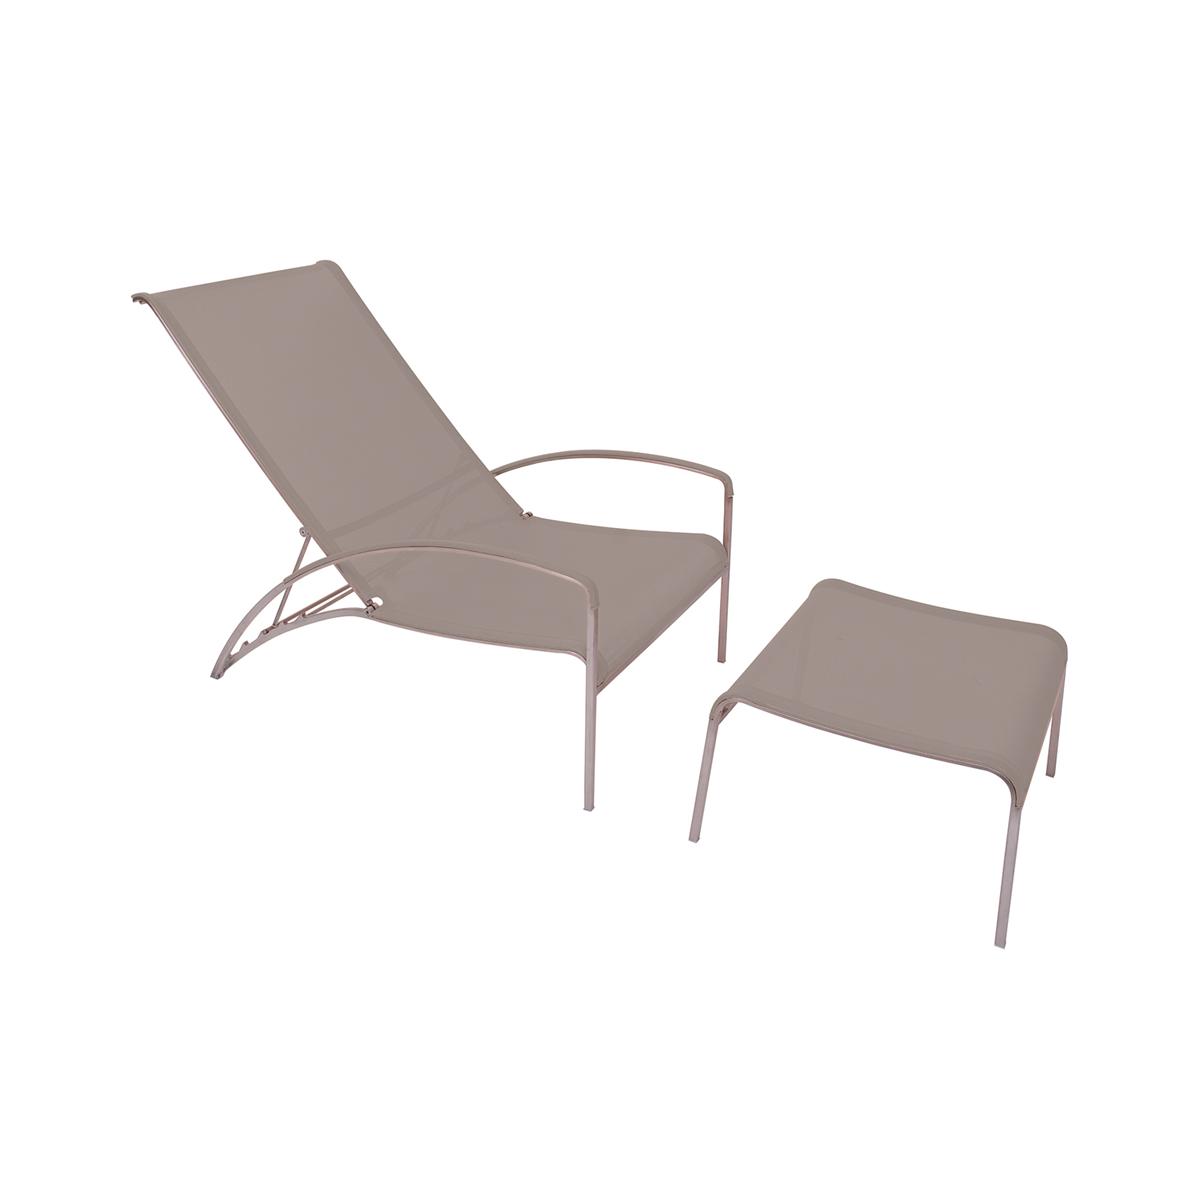 QT 55 Relax Chair  - на 360.ru: цены, описание, характеристики, где купить в Москве.